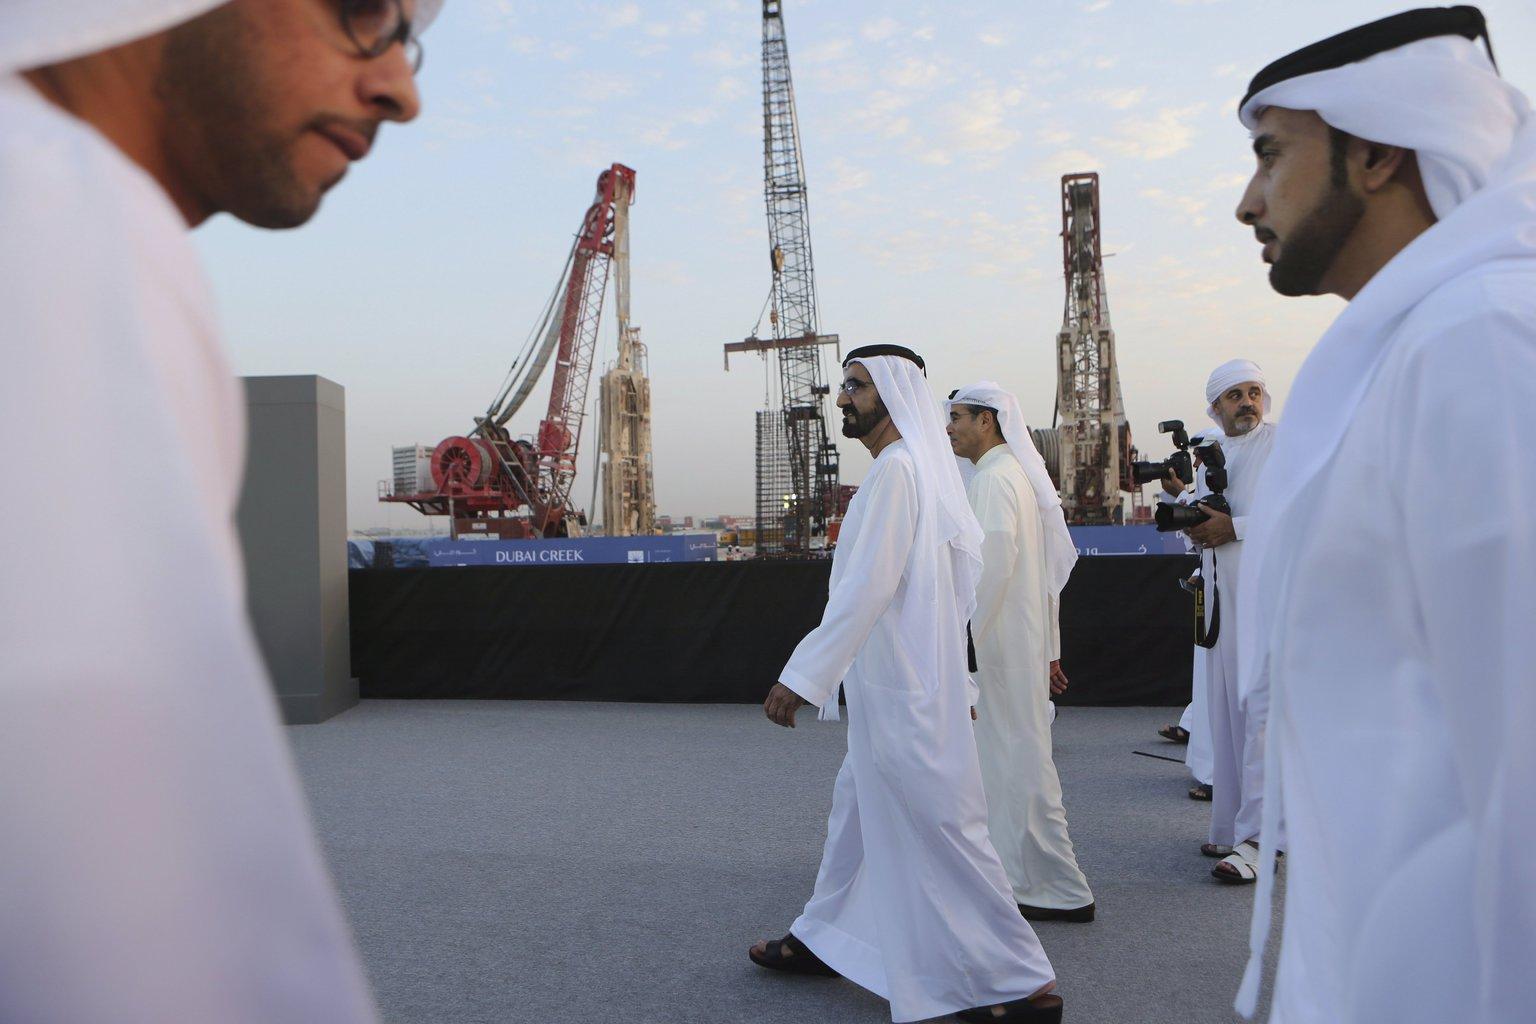 Mohamed bin Rasíd Ál-Maktúm dubaji uralkodó, az Egyesült Arab Emírségek alelnöke és miniszterelnöke (k) érkezik a városállam vízi útjáról elnevezett Dubai Creek Harbour-toronynak az alapkőletételére Dubaj tengerpartján 2016. október 10-én. A világ legnagyobb felhőkarcolója a tervek szerint a 2020-as dubaji világkiállítás évére készül majd el, a magasságáról egyelőre nem közöltek pontos adatokat. (MTI/AP/Kamran Dzsebreili)